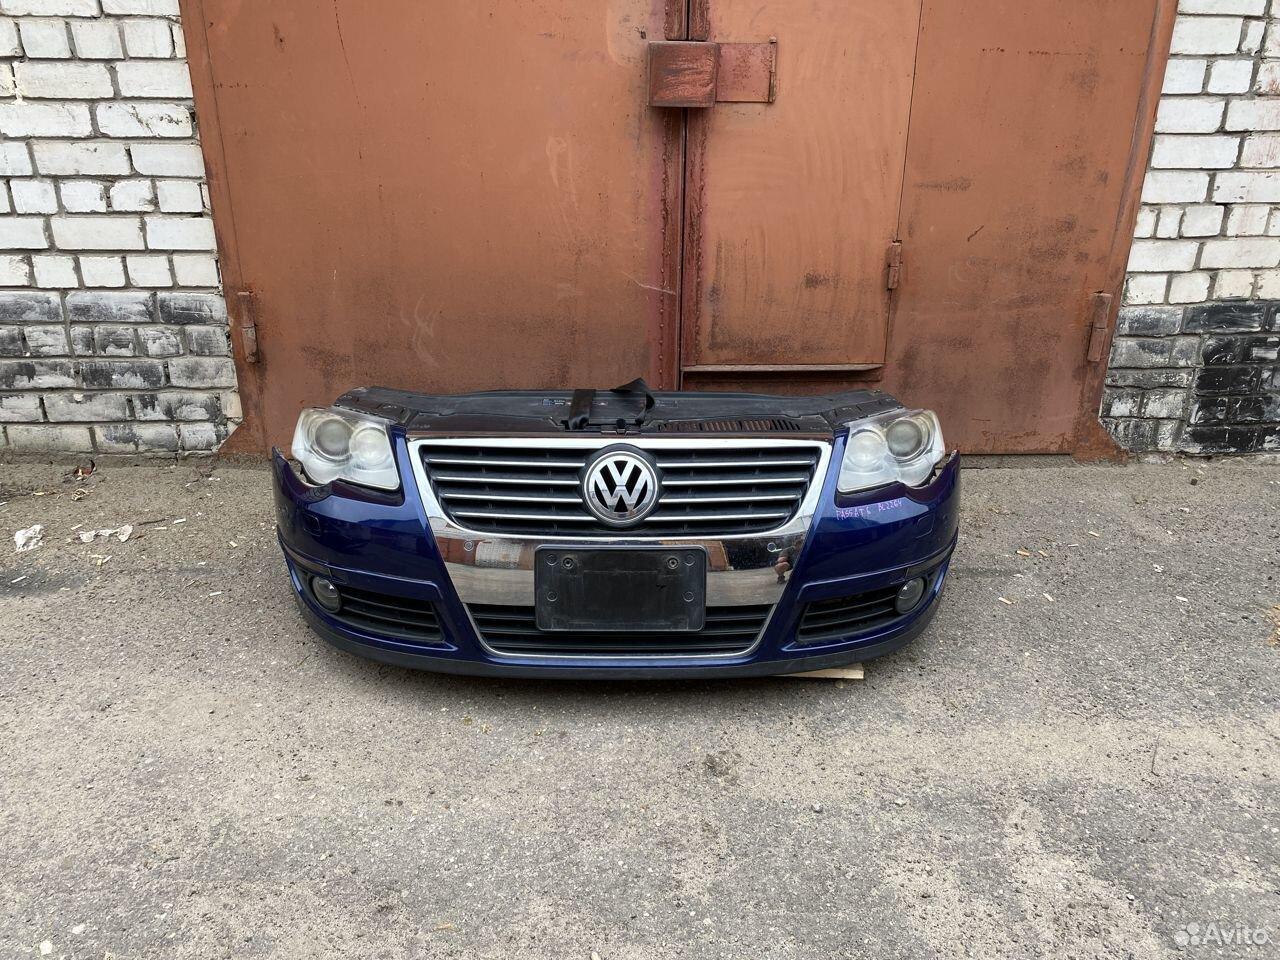 Ноускат синий Volkswagen Passat B6  89534684247 купить 1